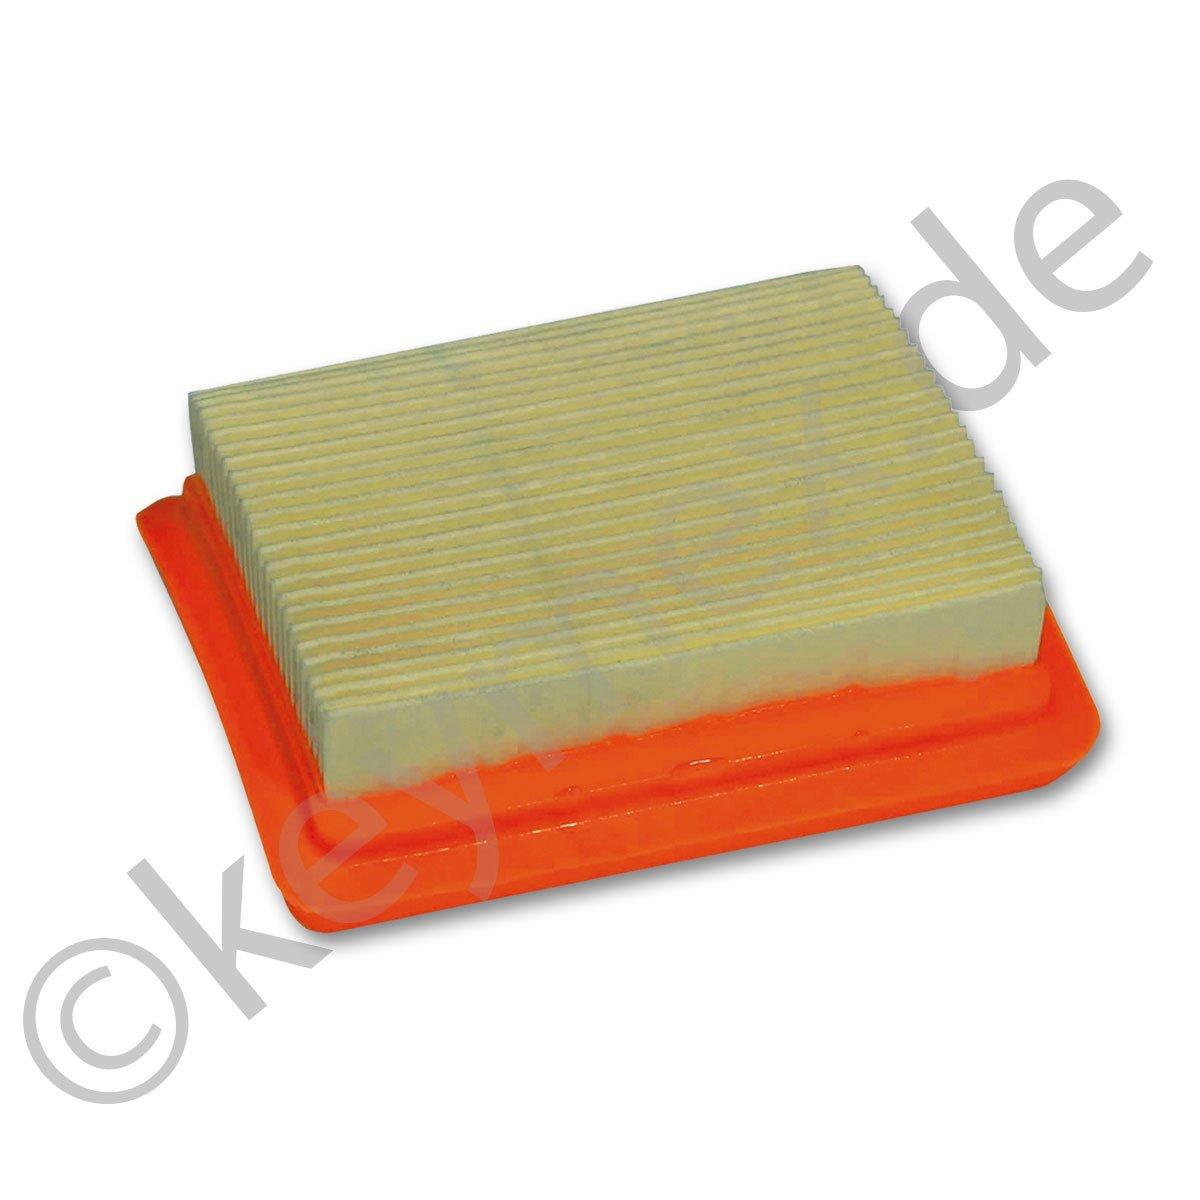 Vergaser Luftfilter Zündkerze für STIHL FS120 FS200 FS250 FS300 FS400